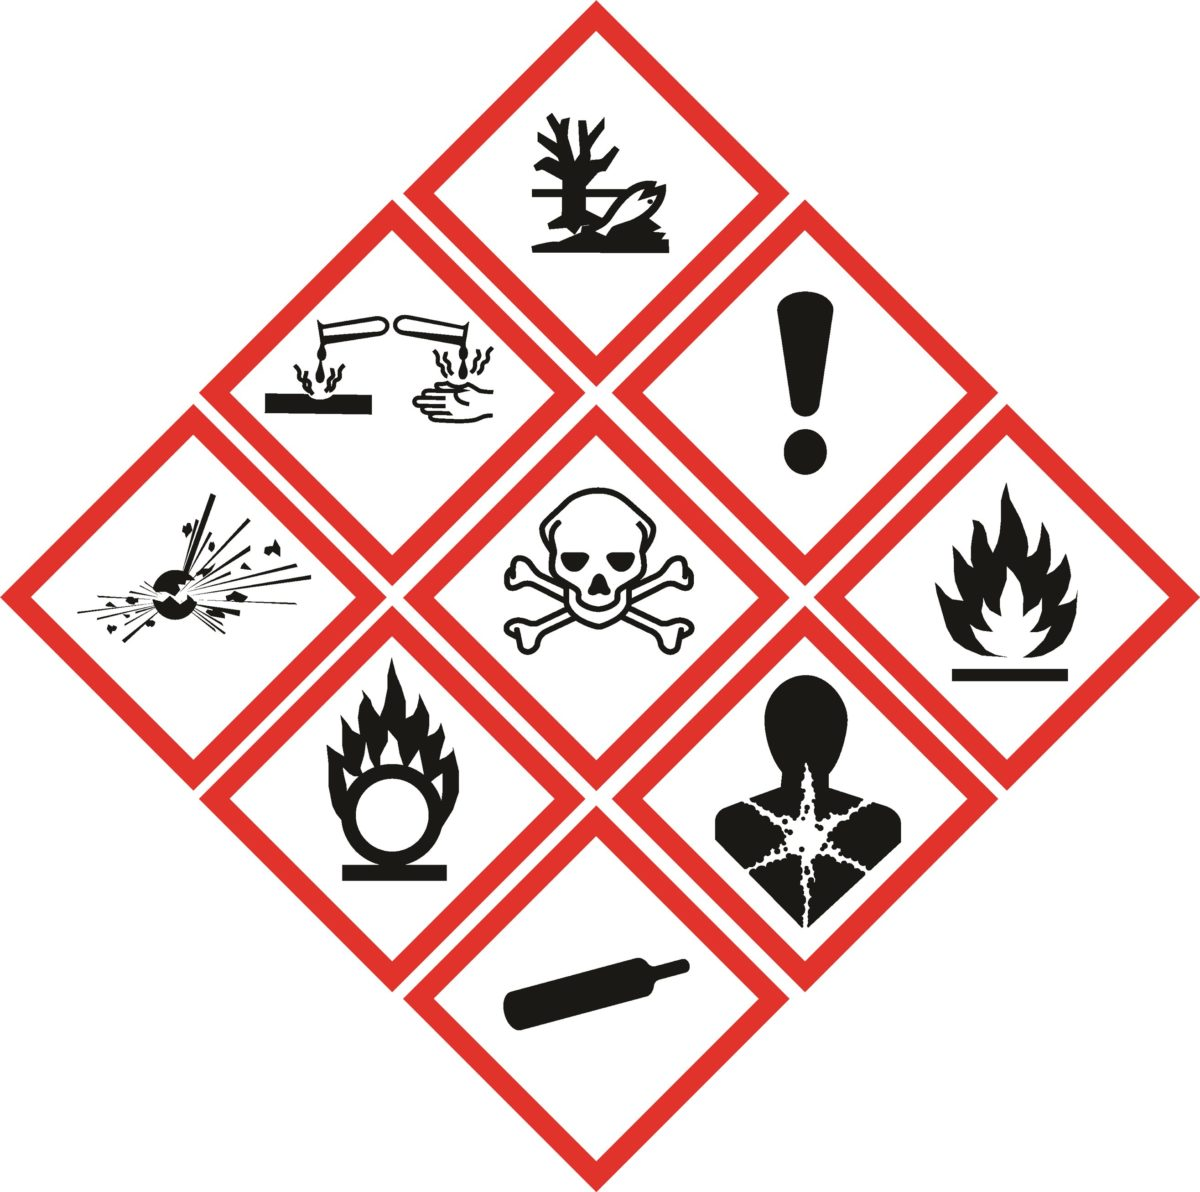 Pictogramas de peligro